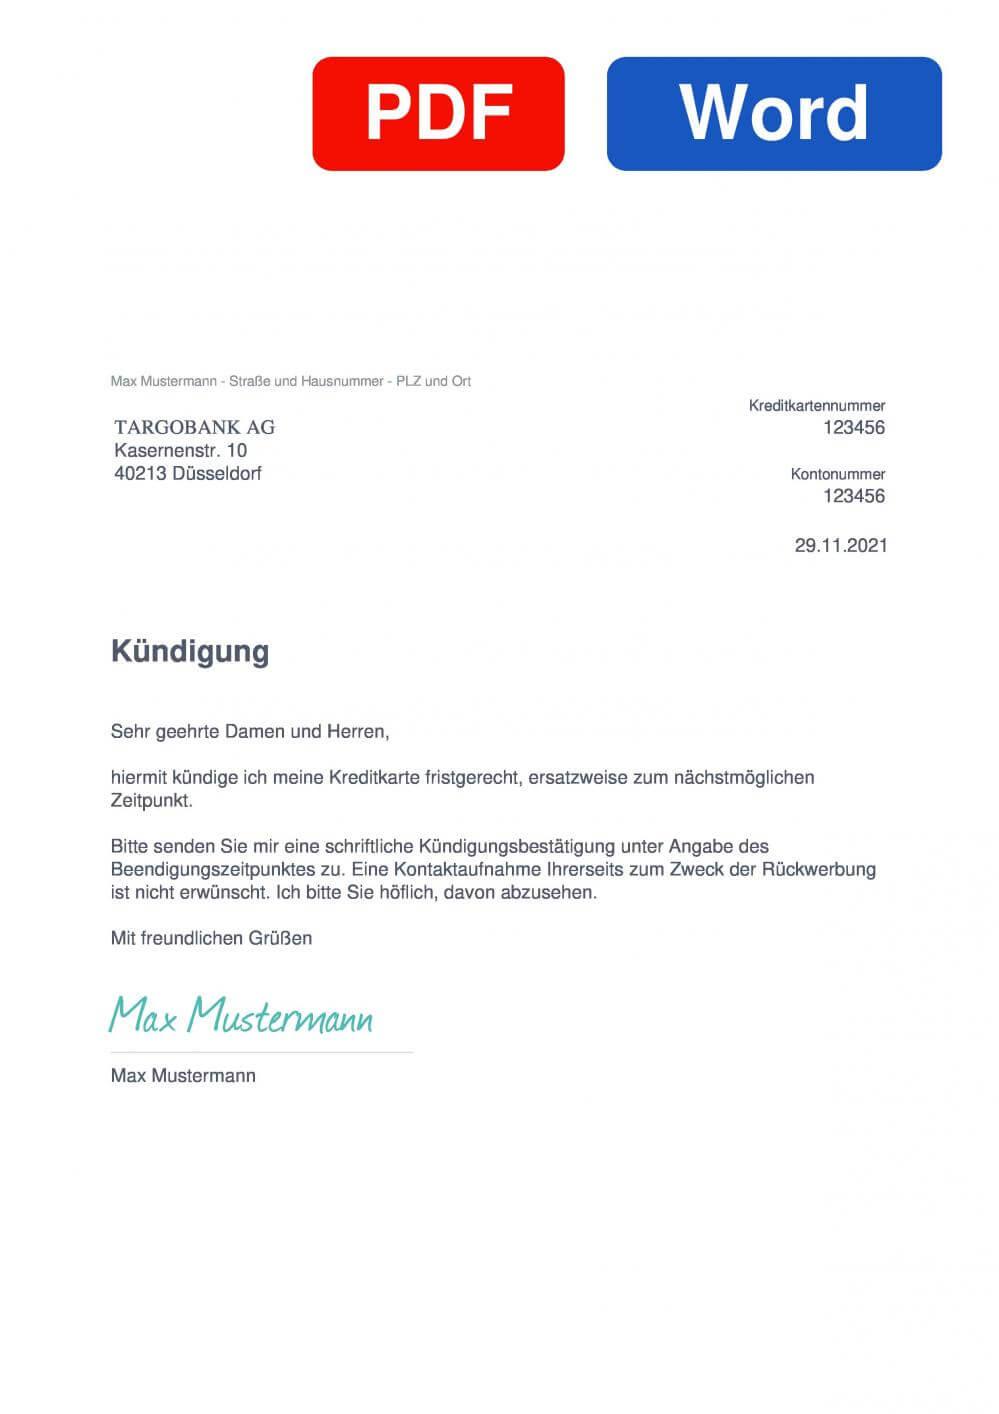 TARGOBANK Mastercard Muster Vorlage für Kündigungsschreiben